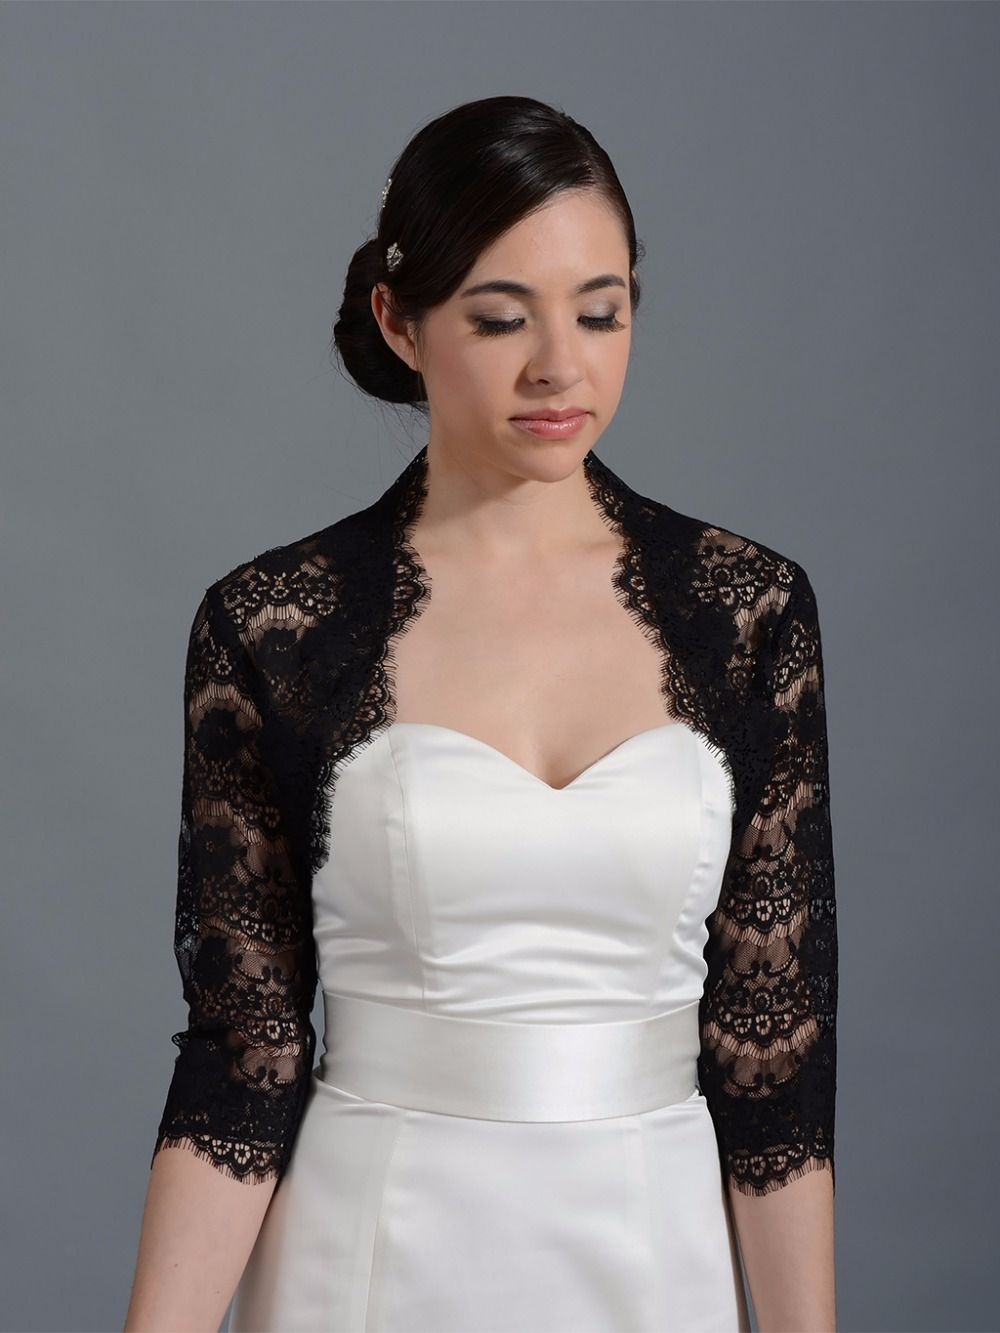 Evening dress shrug xl | Best dress ideas | Pinterest